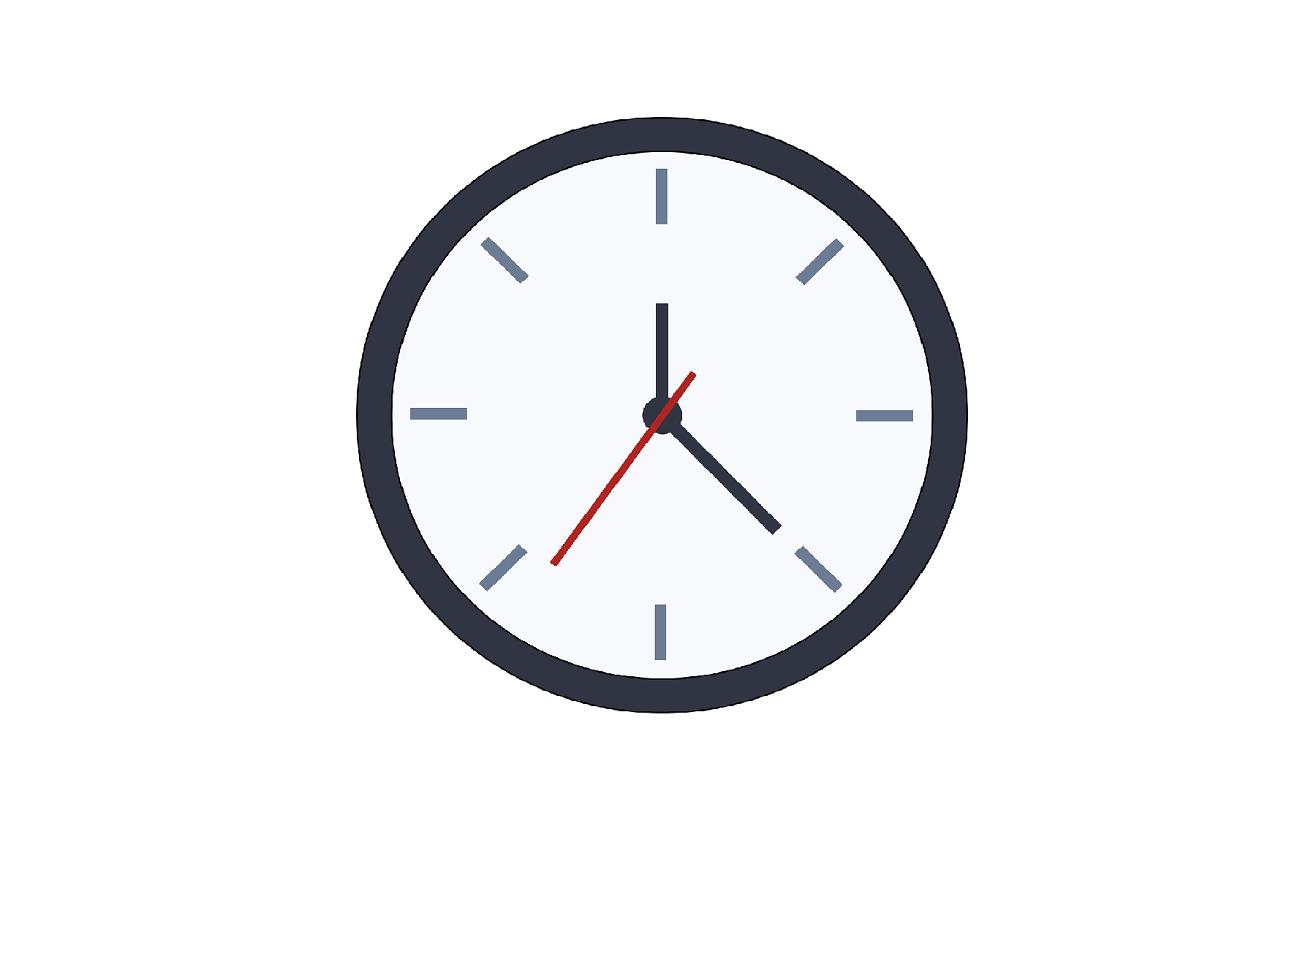 Nie uwierzycie, jak dokładny jest ten zegar atomowy